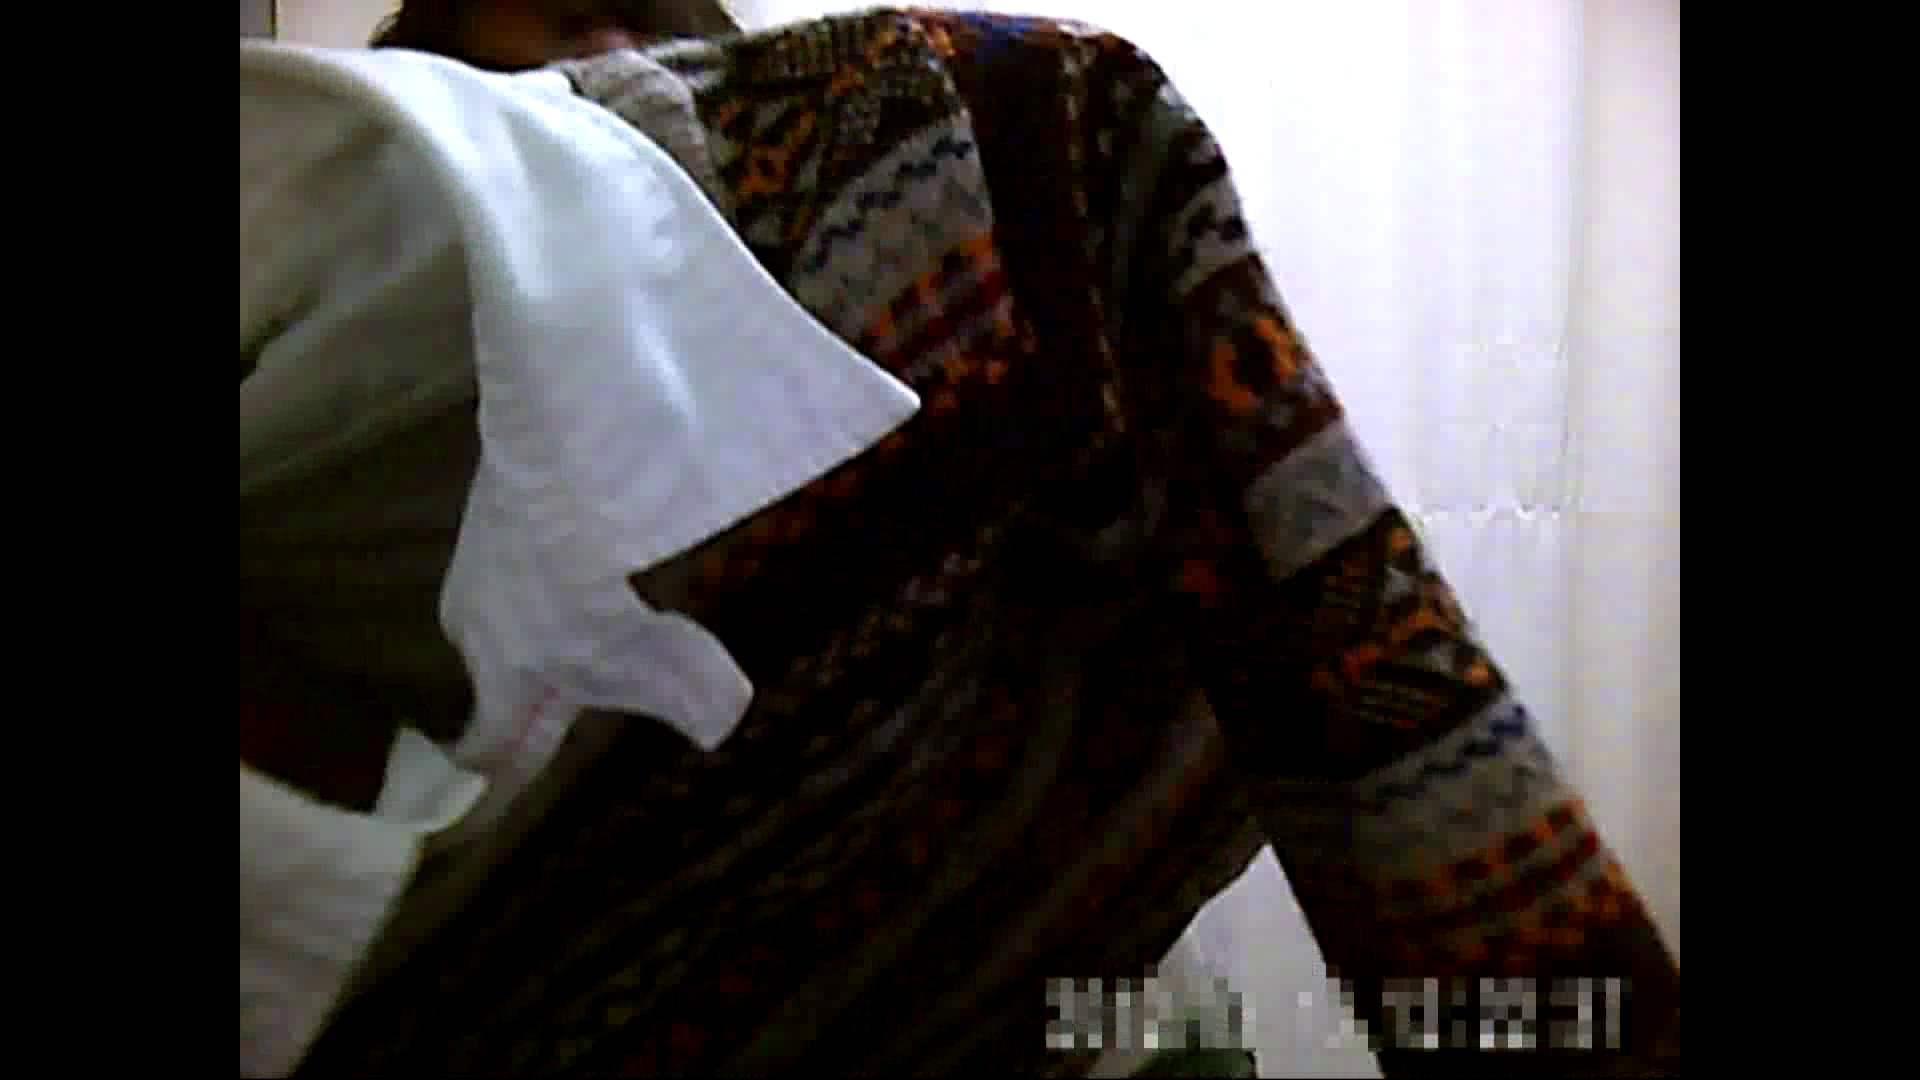 病院おもいっきり着替え! vol.269 おっぱい すけべAV動画紹介 91pic 35